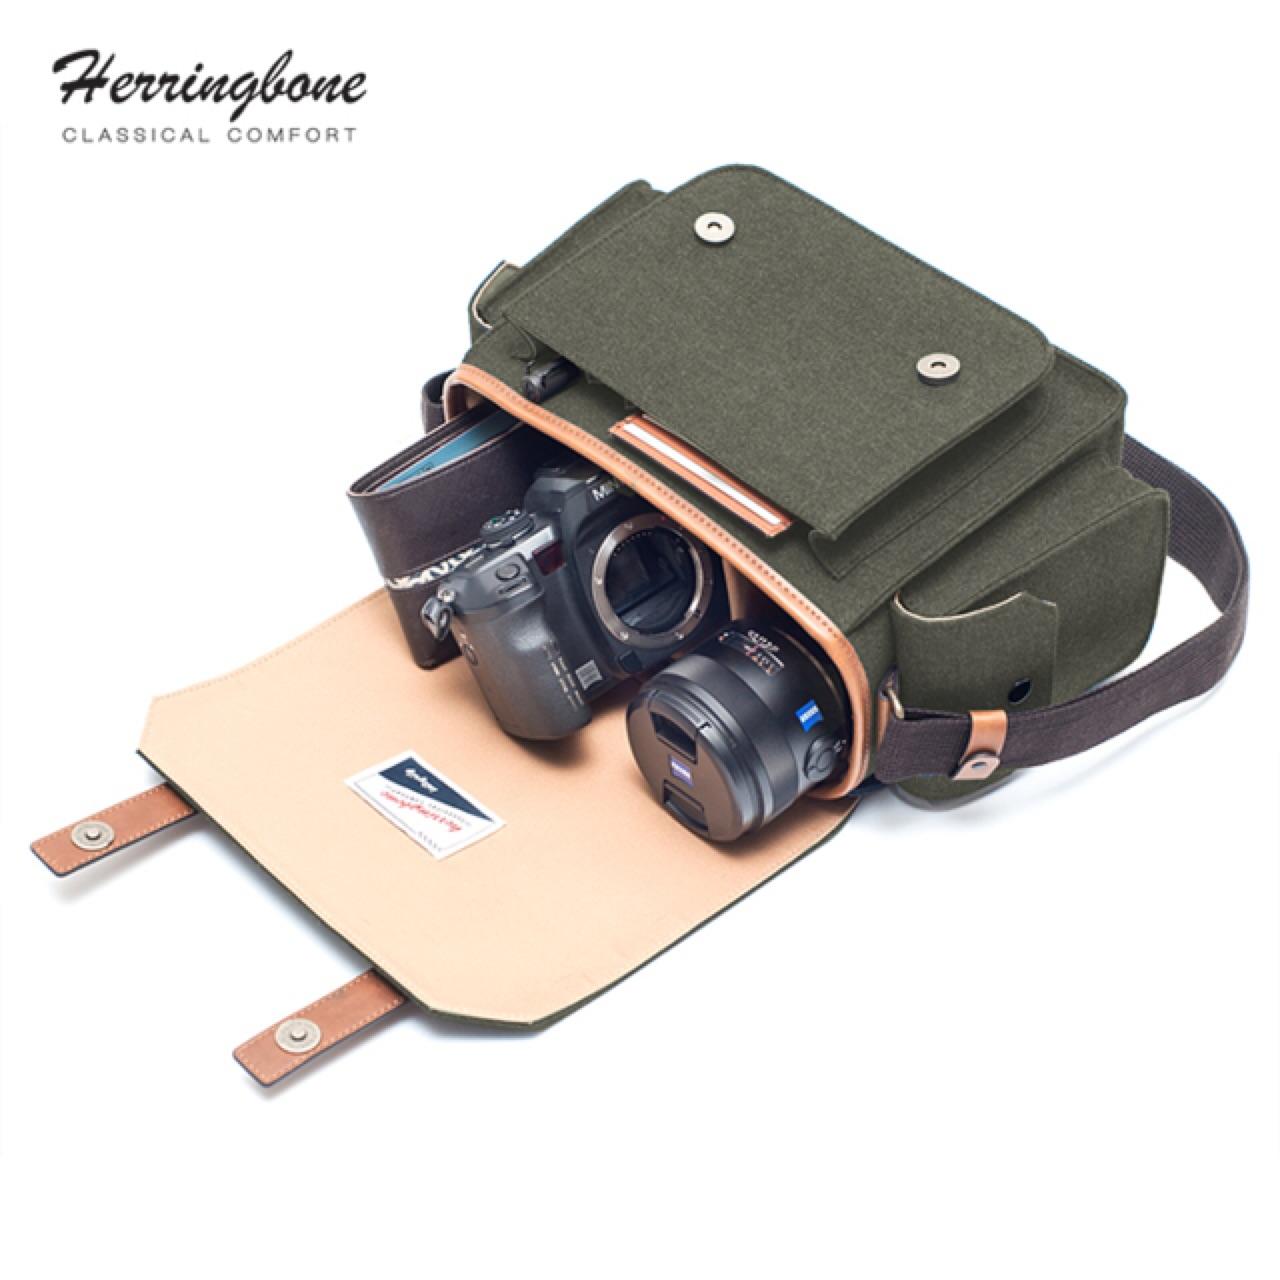 [ กระเป๋ากล้อง Papas Medium Olive - 3,990 THB ]